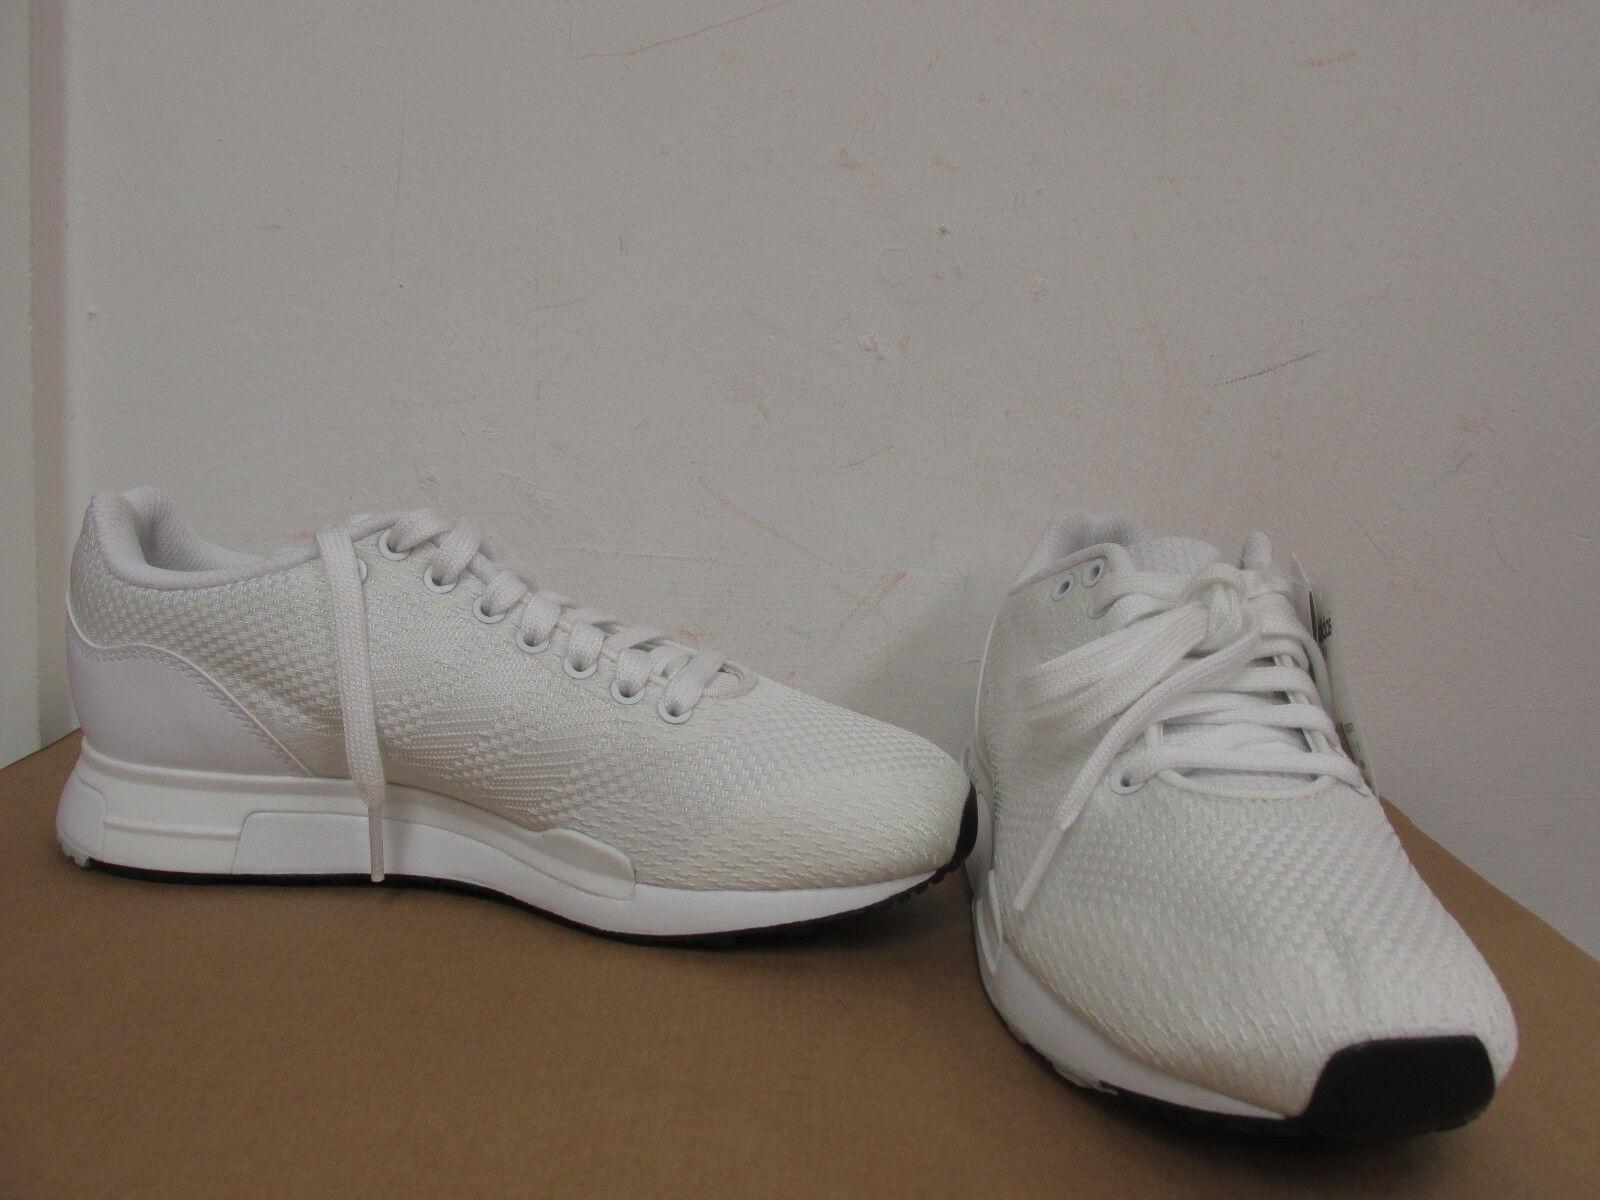 Adidas Originals ZX 900 Weave W Mujer M20375 Zapatillas zapatillas de muestra